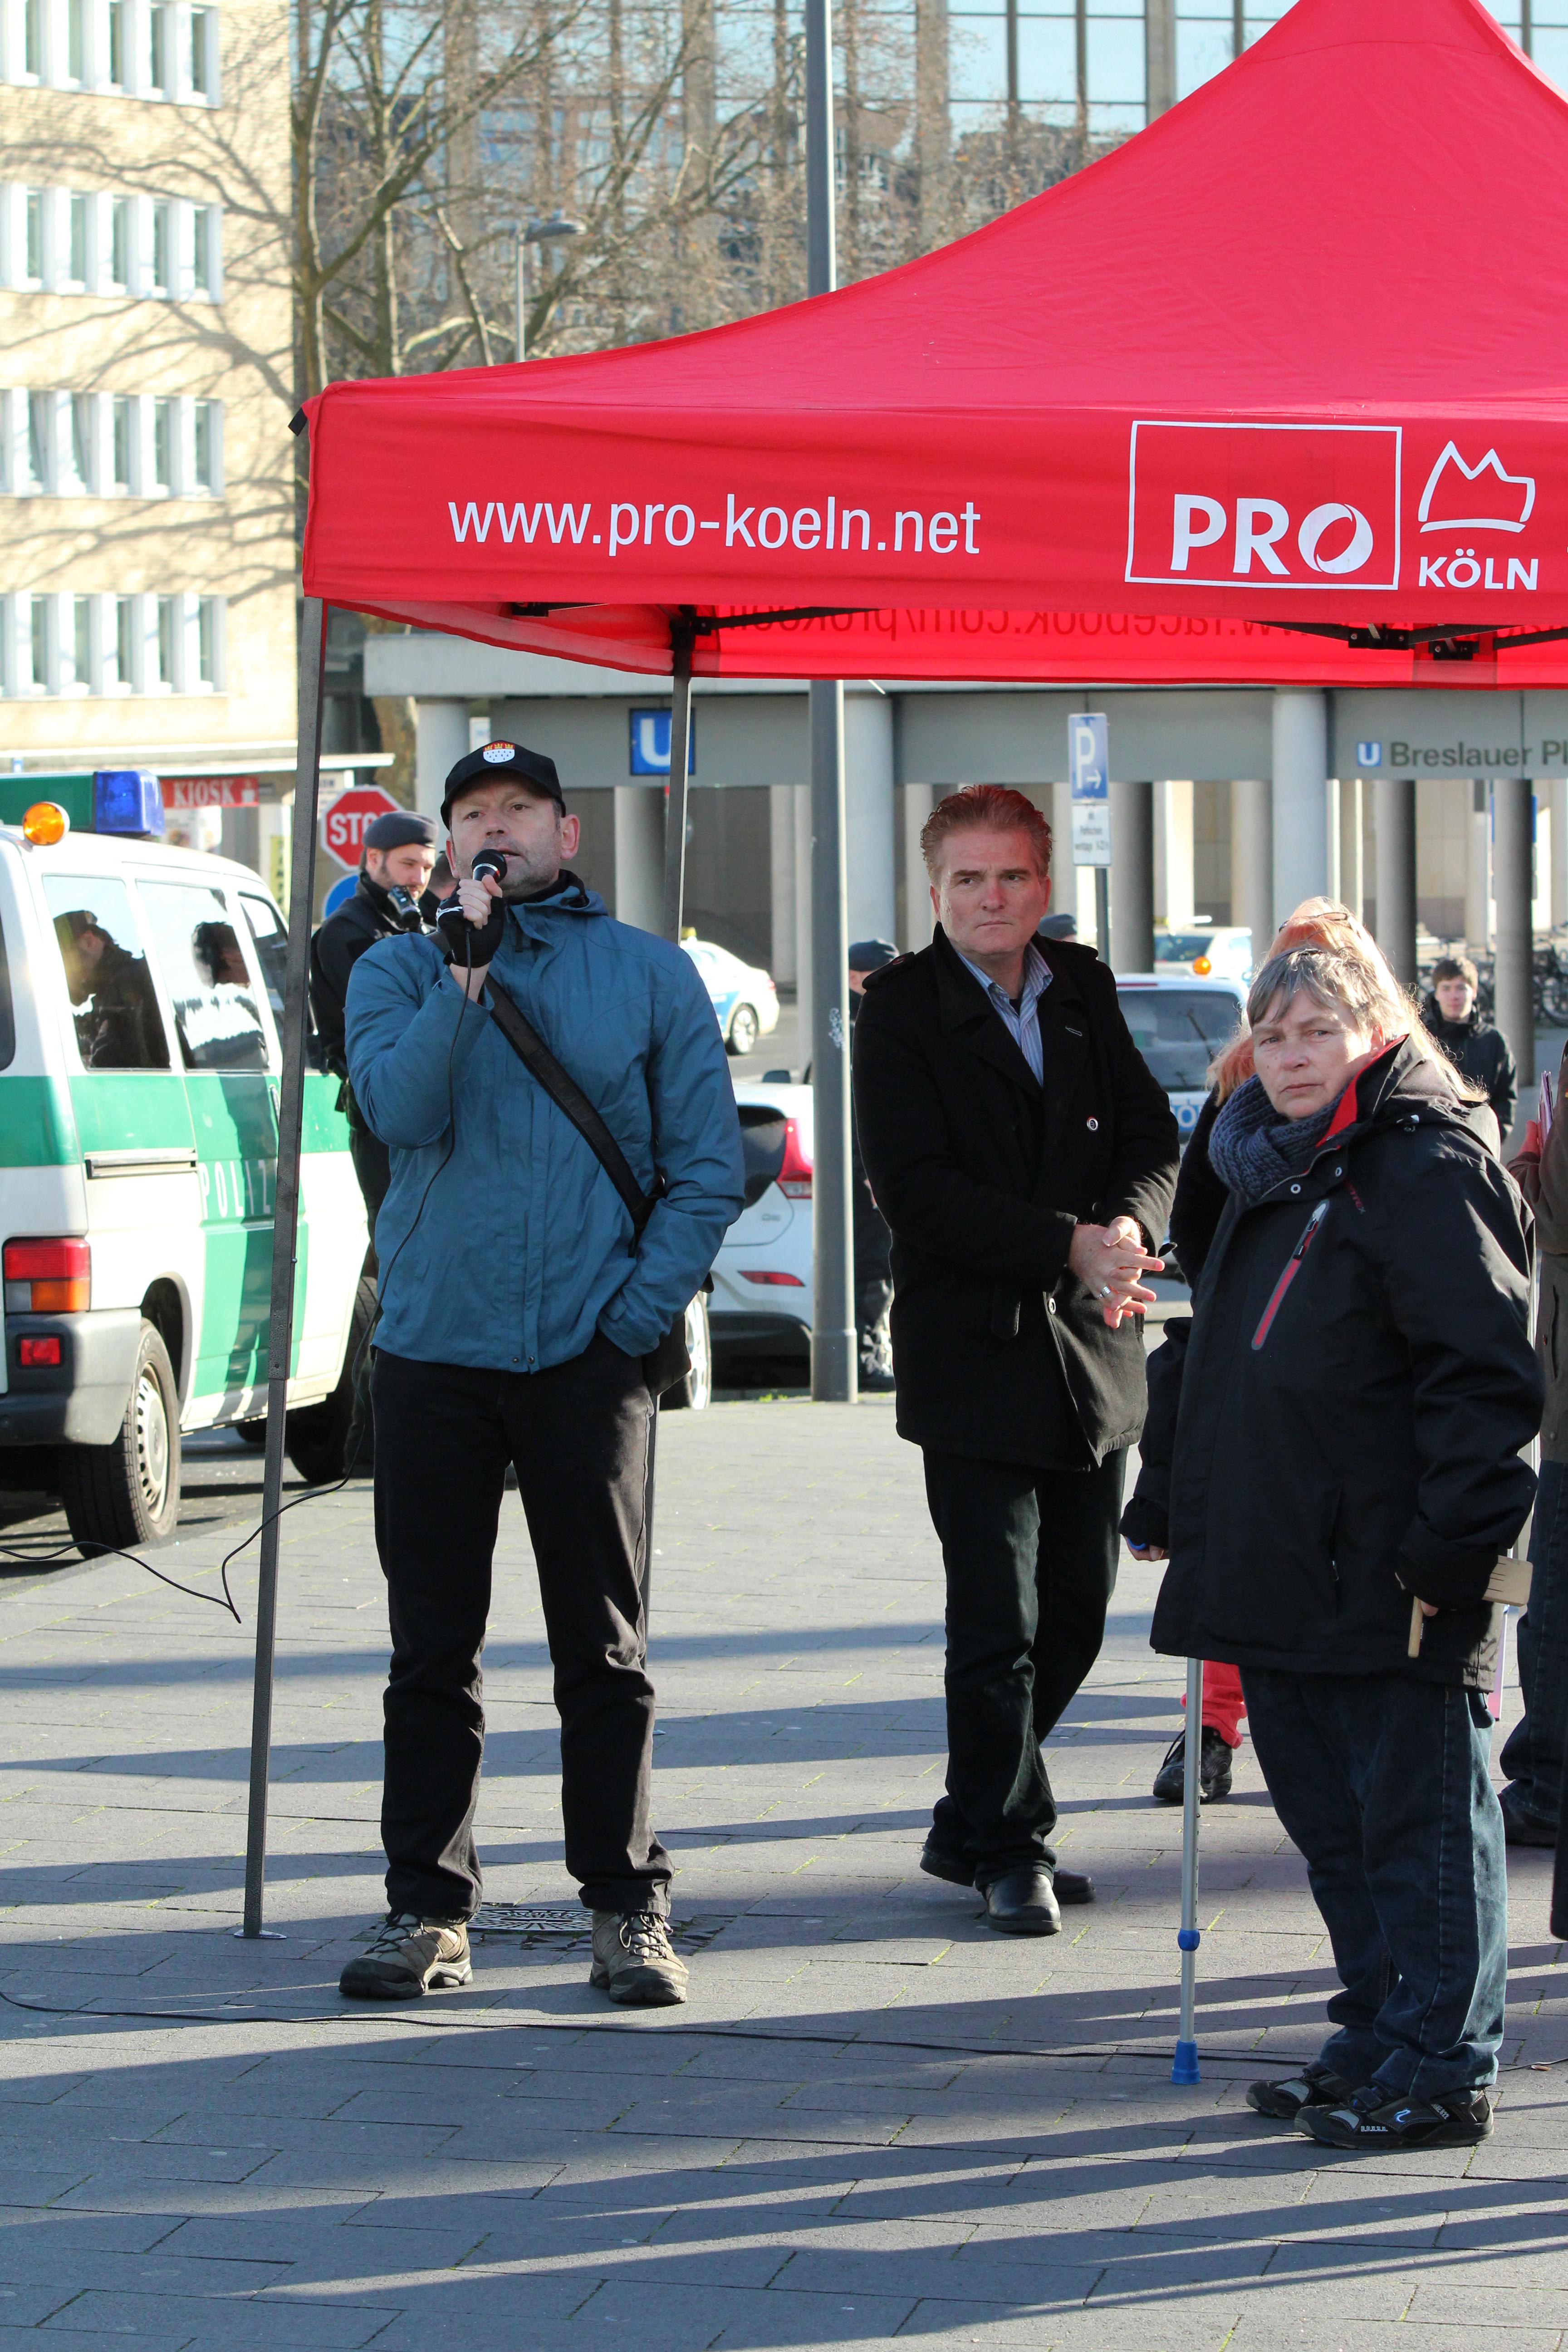 Pro Köln